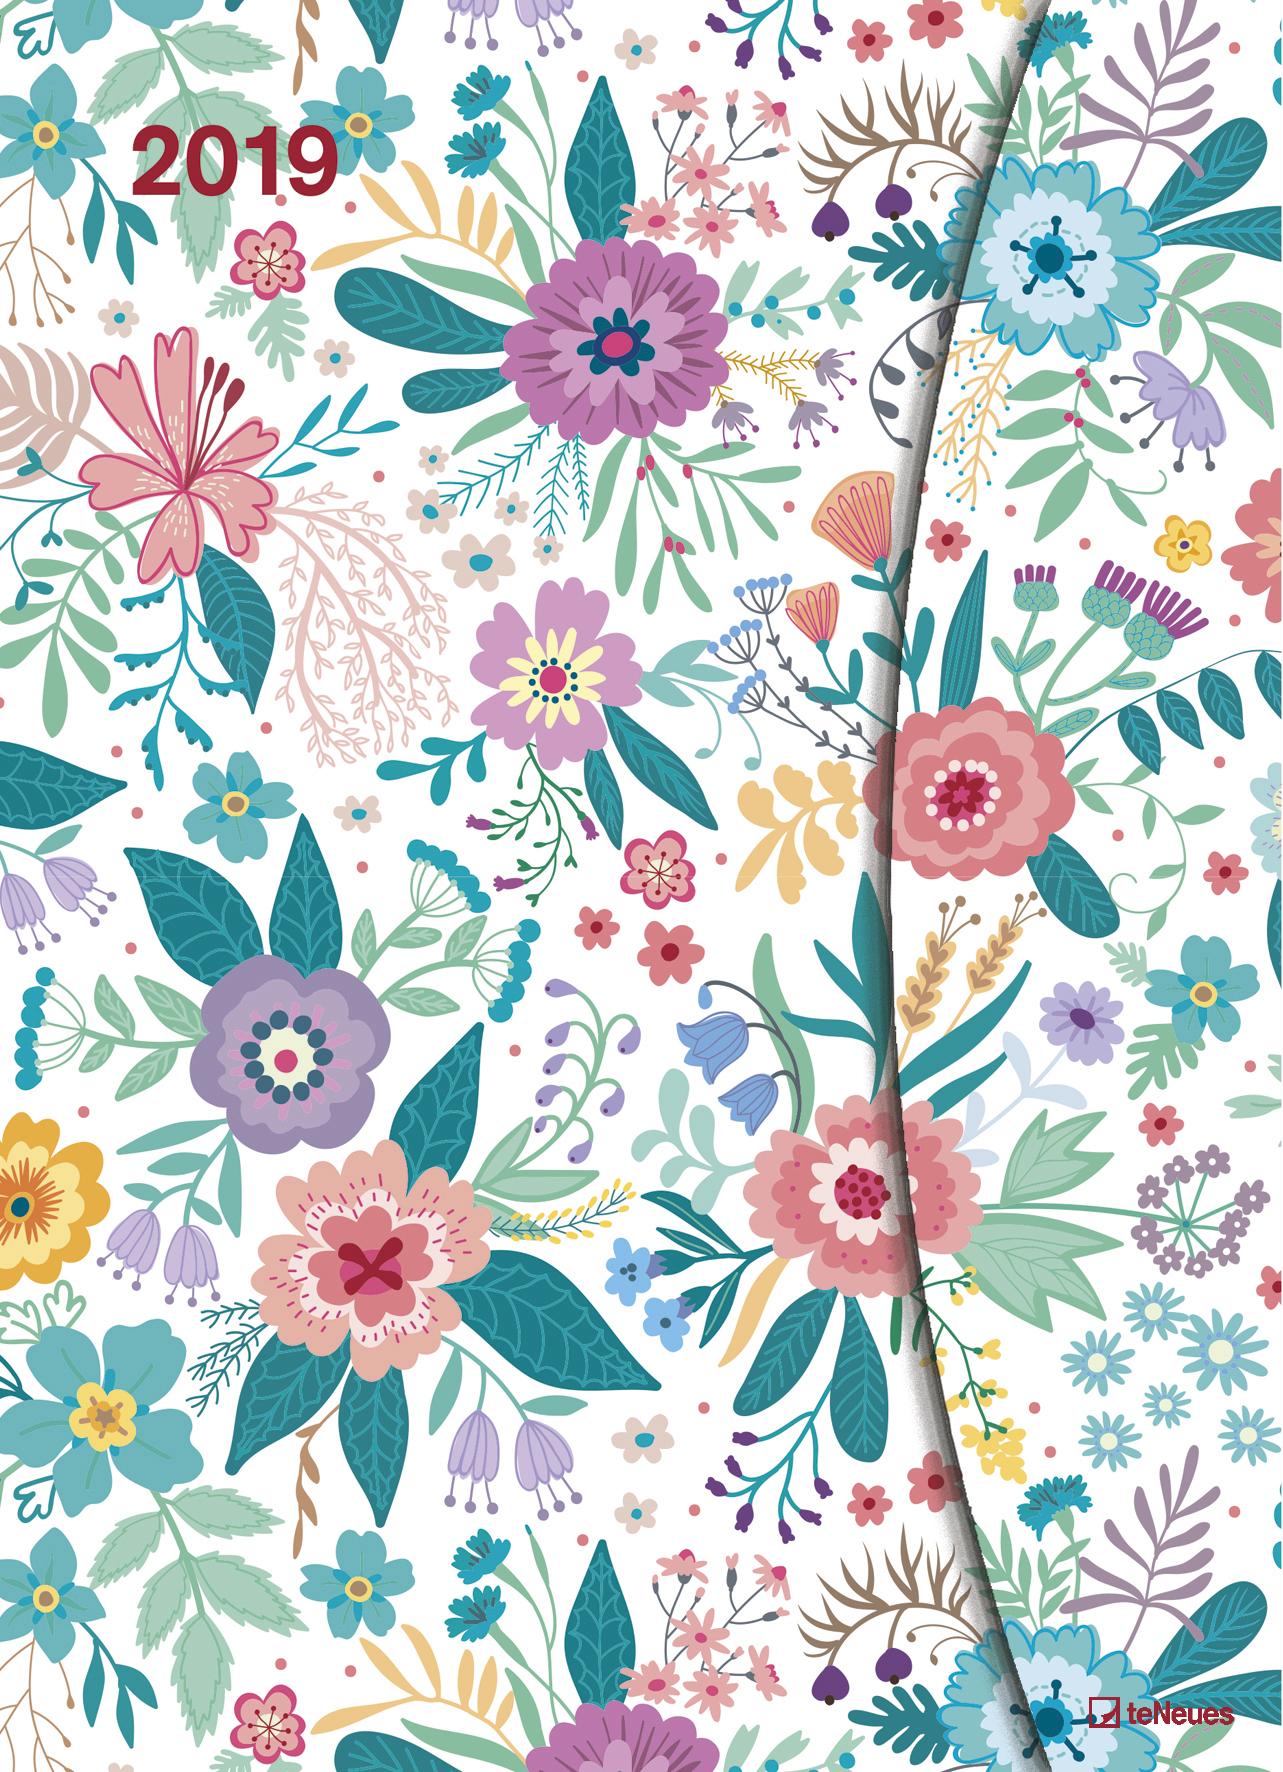 Flowers-2019-Terminkalender-Wochenplaner